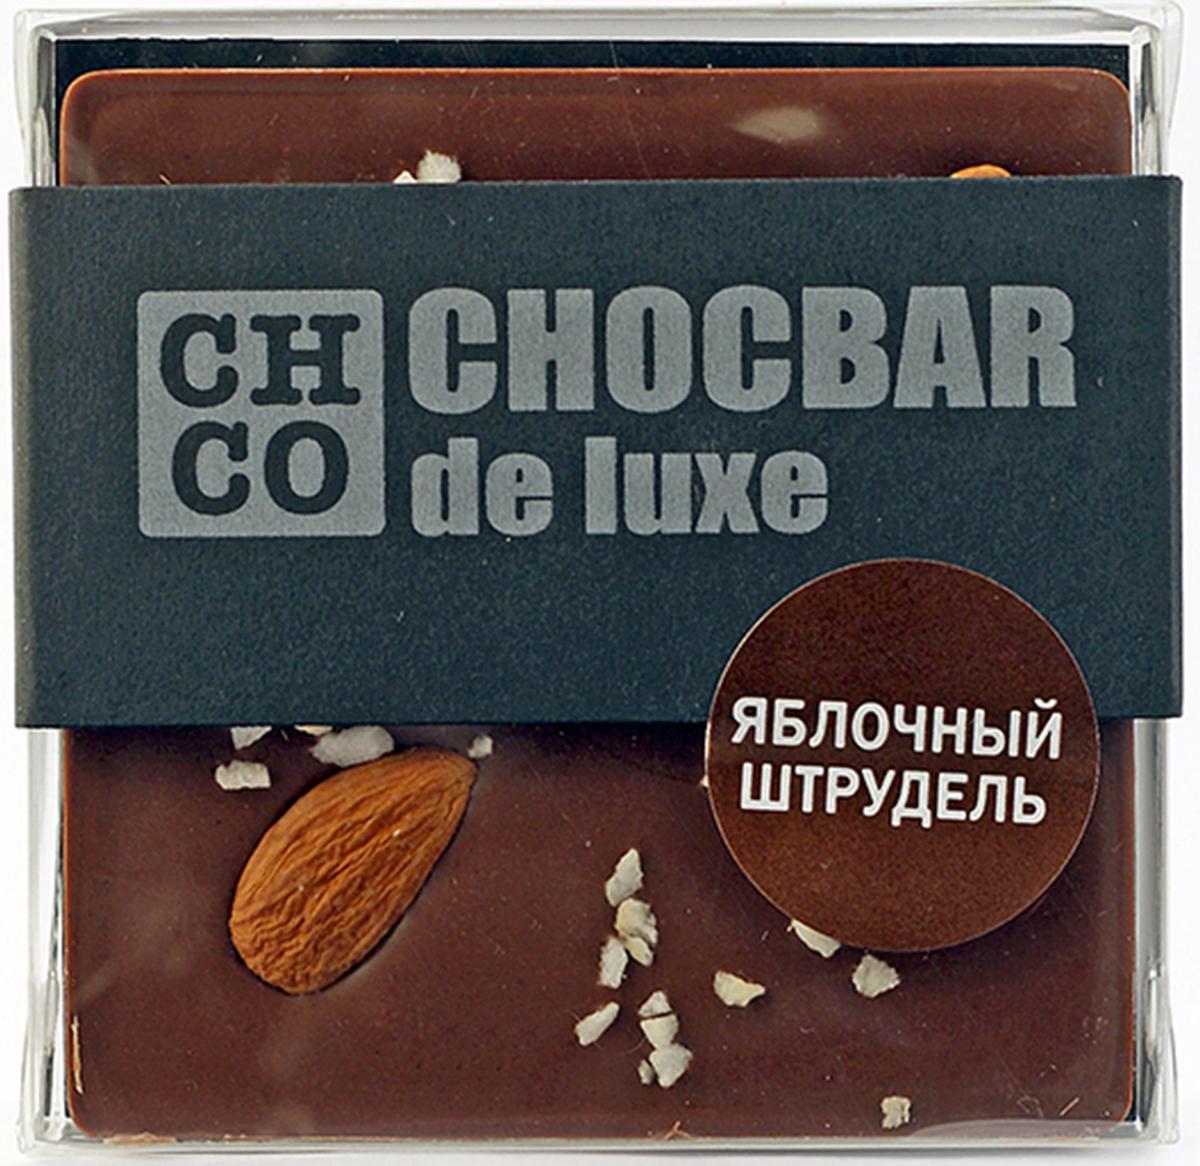 Chco Chocbar De Luxe Milk Яблочный штрудель молочный шоколад, 85 г тетрадь на скрепке printio эйфелева башня